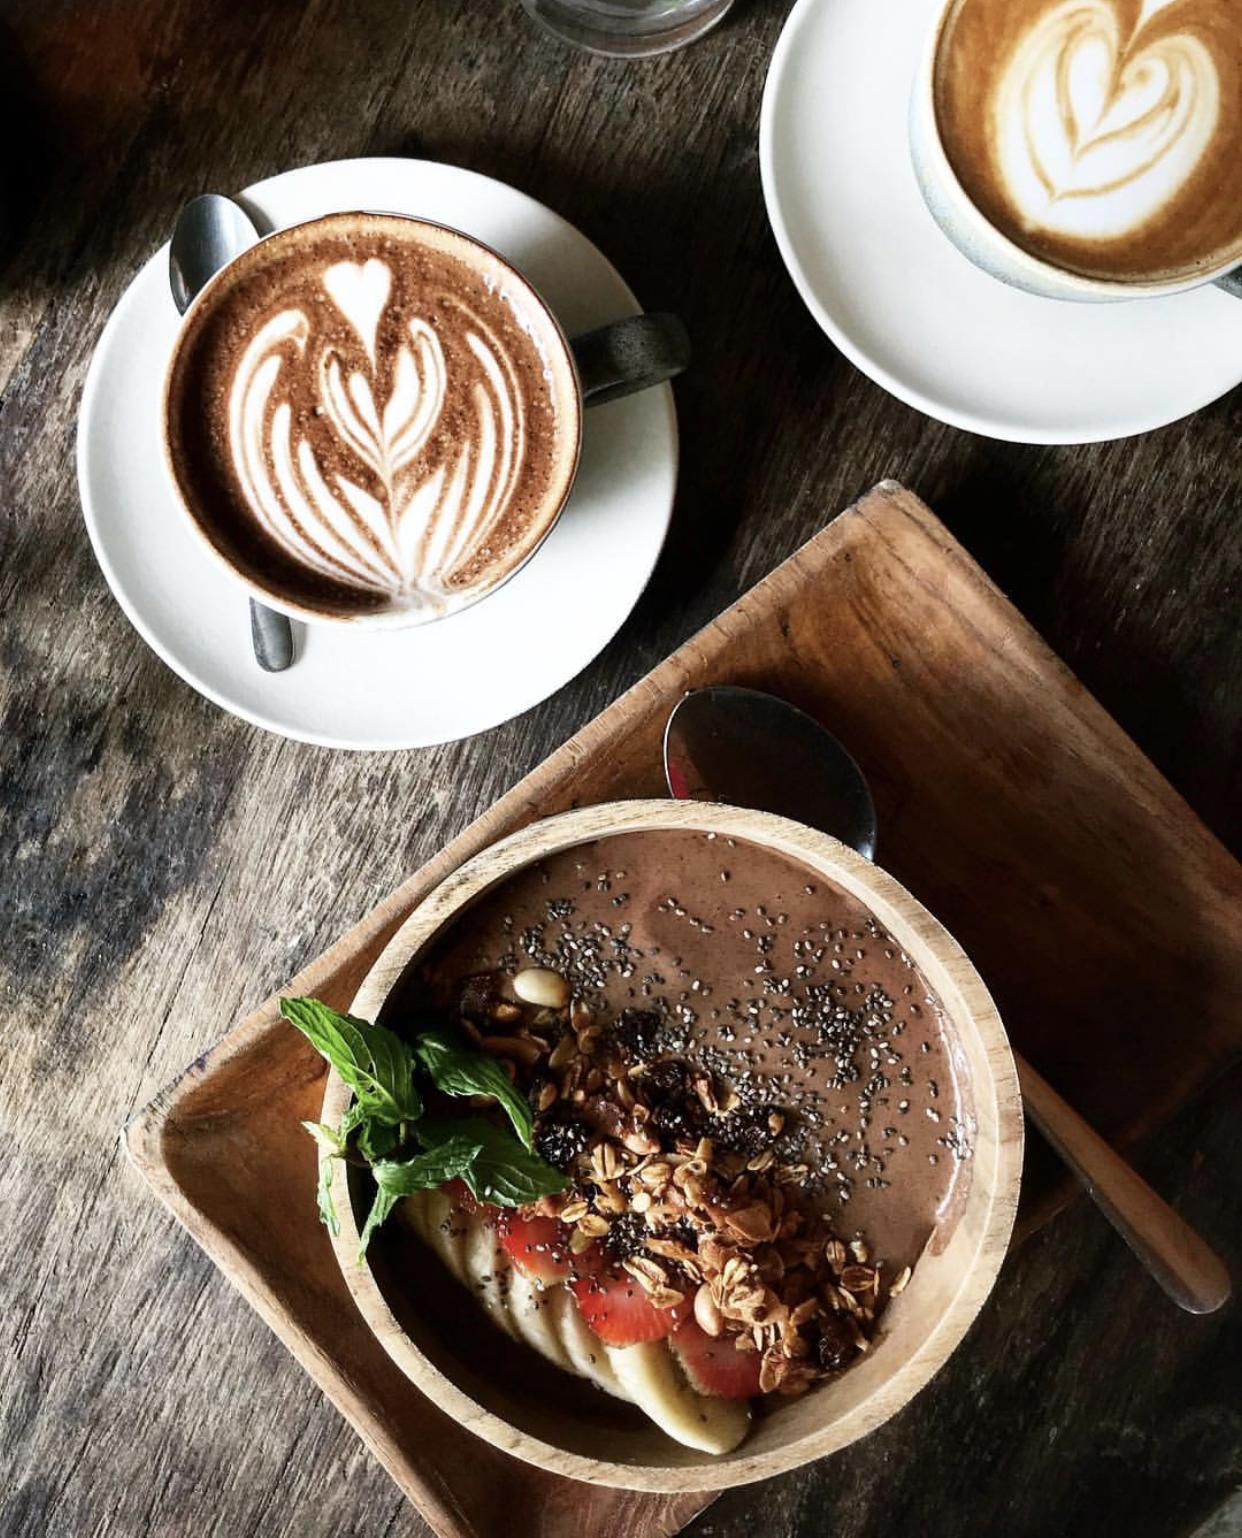 Suka Espresso, Uluwatu - My Top 12 Speciality Coffee and Brunch Shops in Bali | A Guide of Bali | Mondomulia